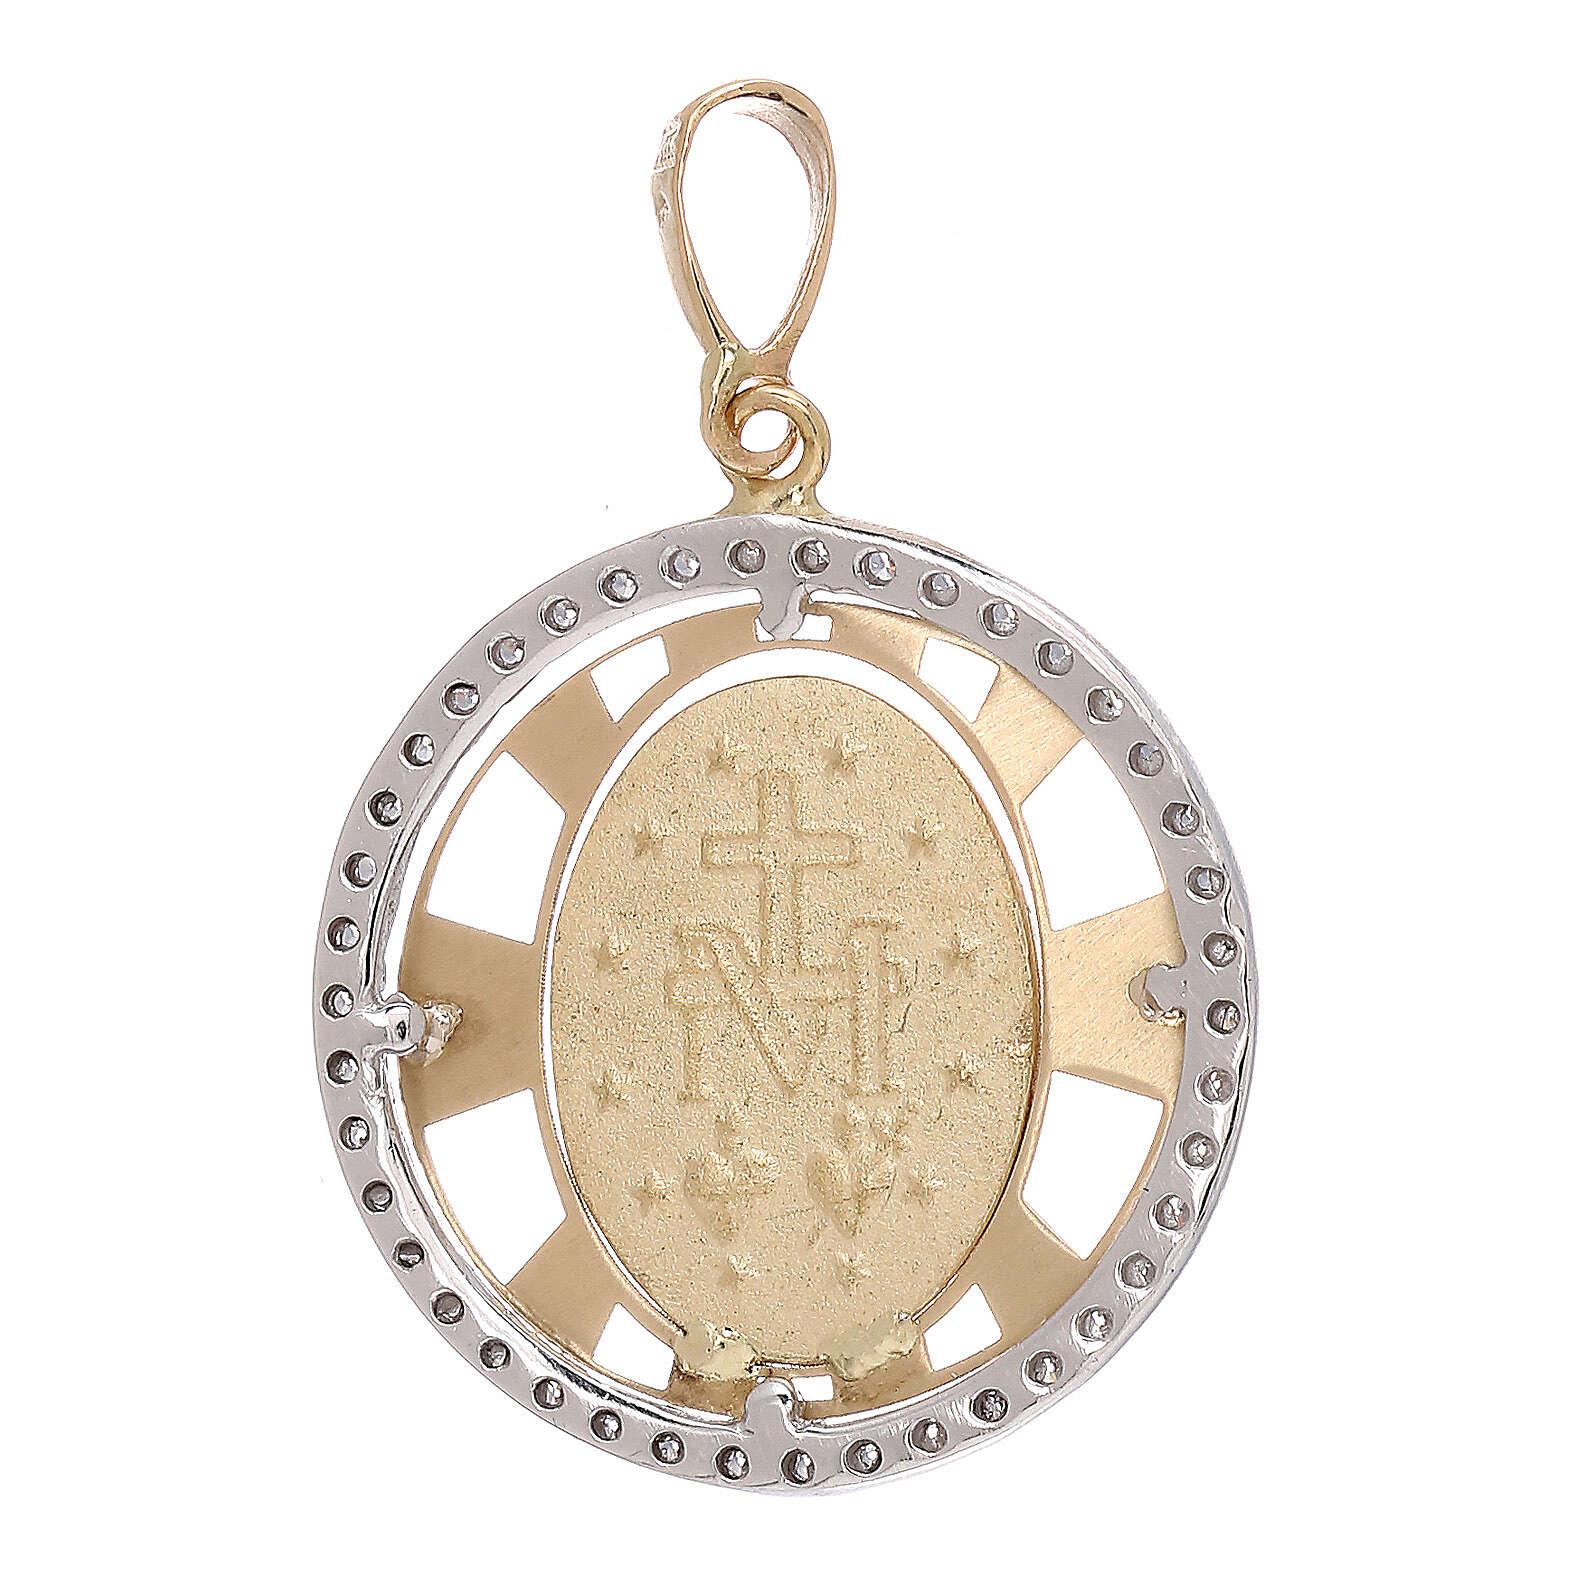 Colgante Medalla Milagrosa oro 750/00 zircones redondo 2,7 gramos 4